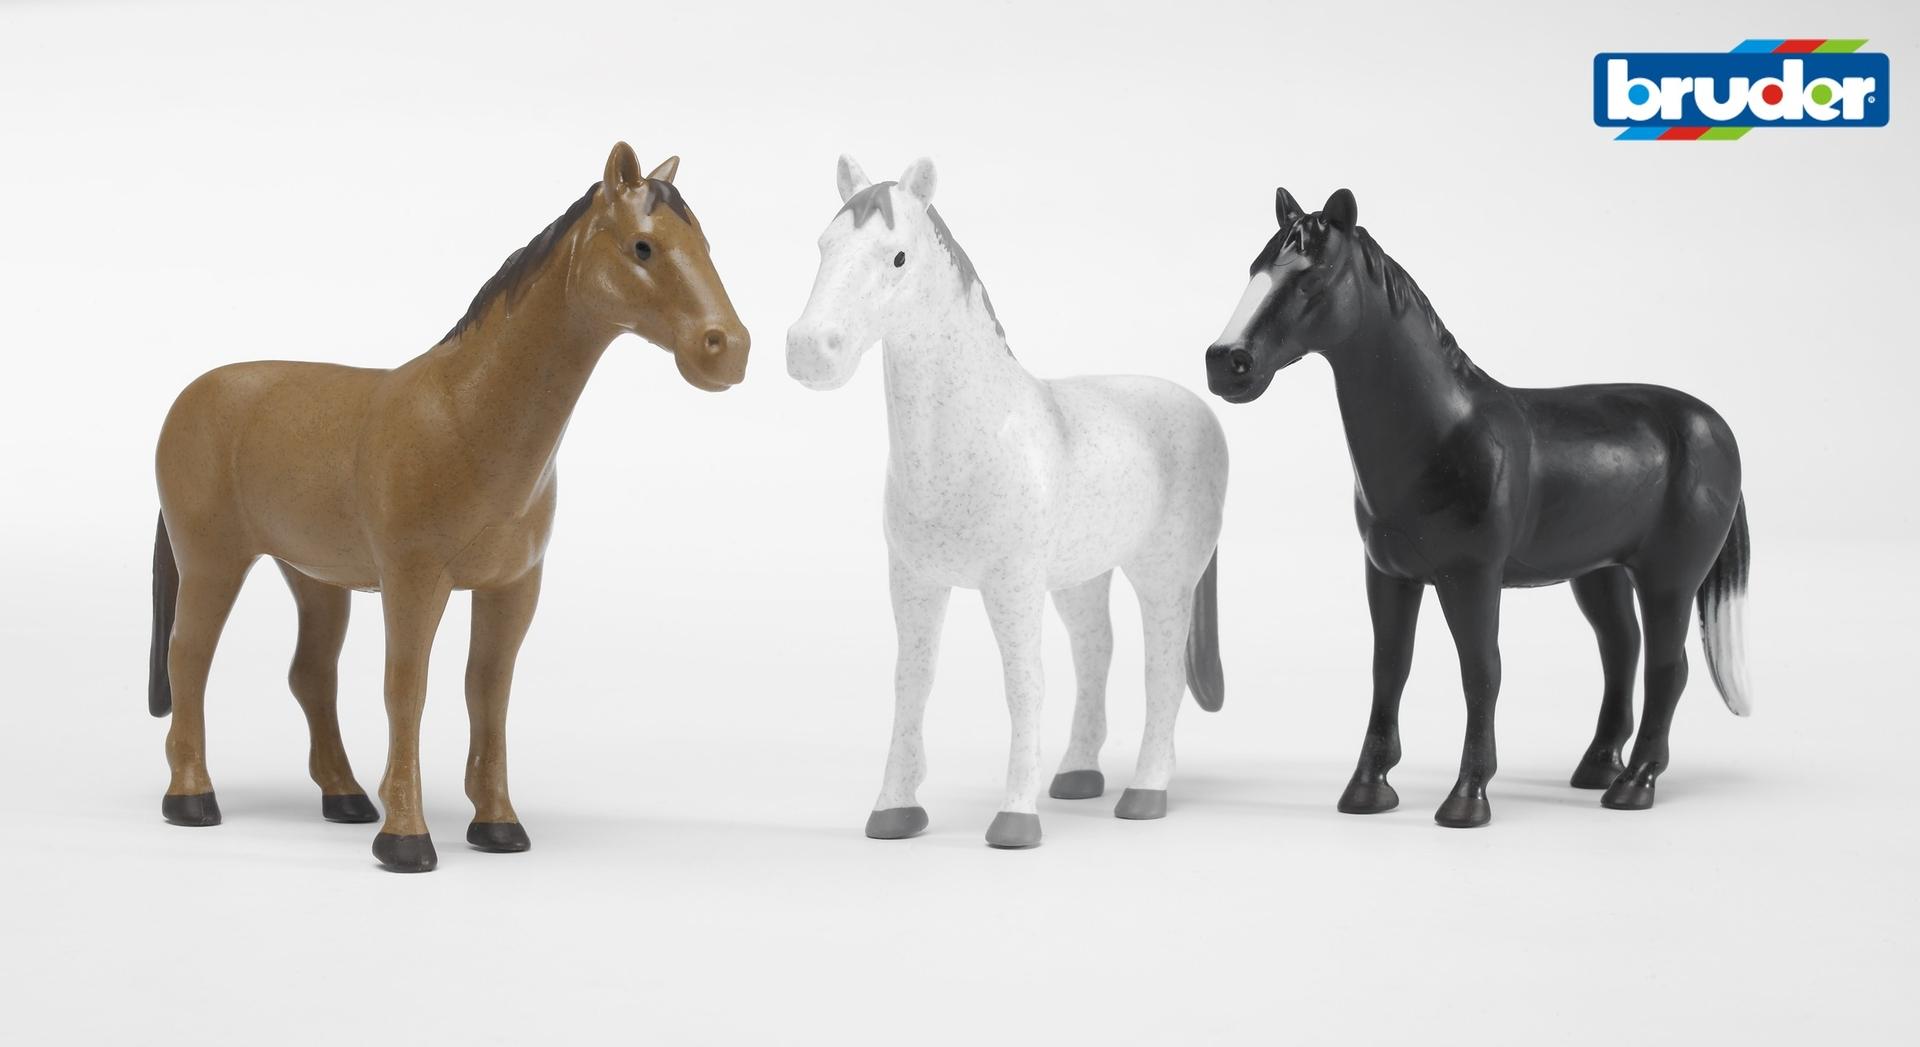 paarden om mee te spelen van bruder